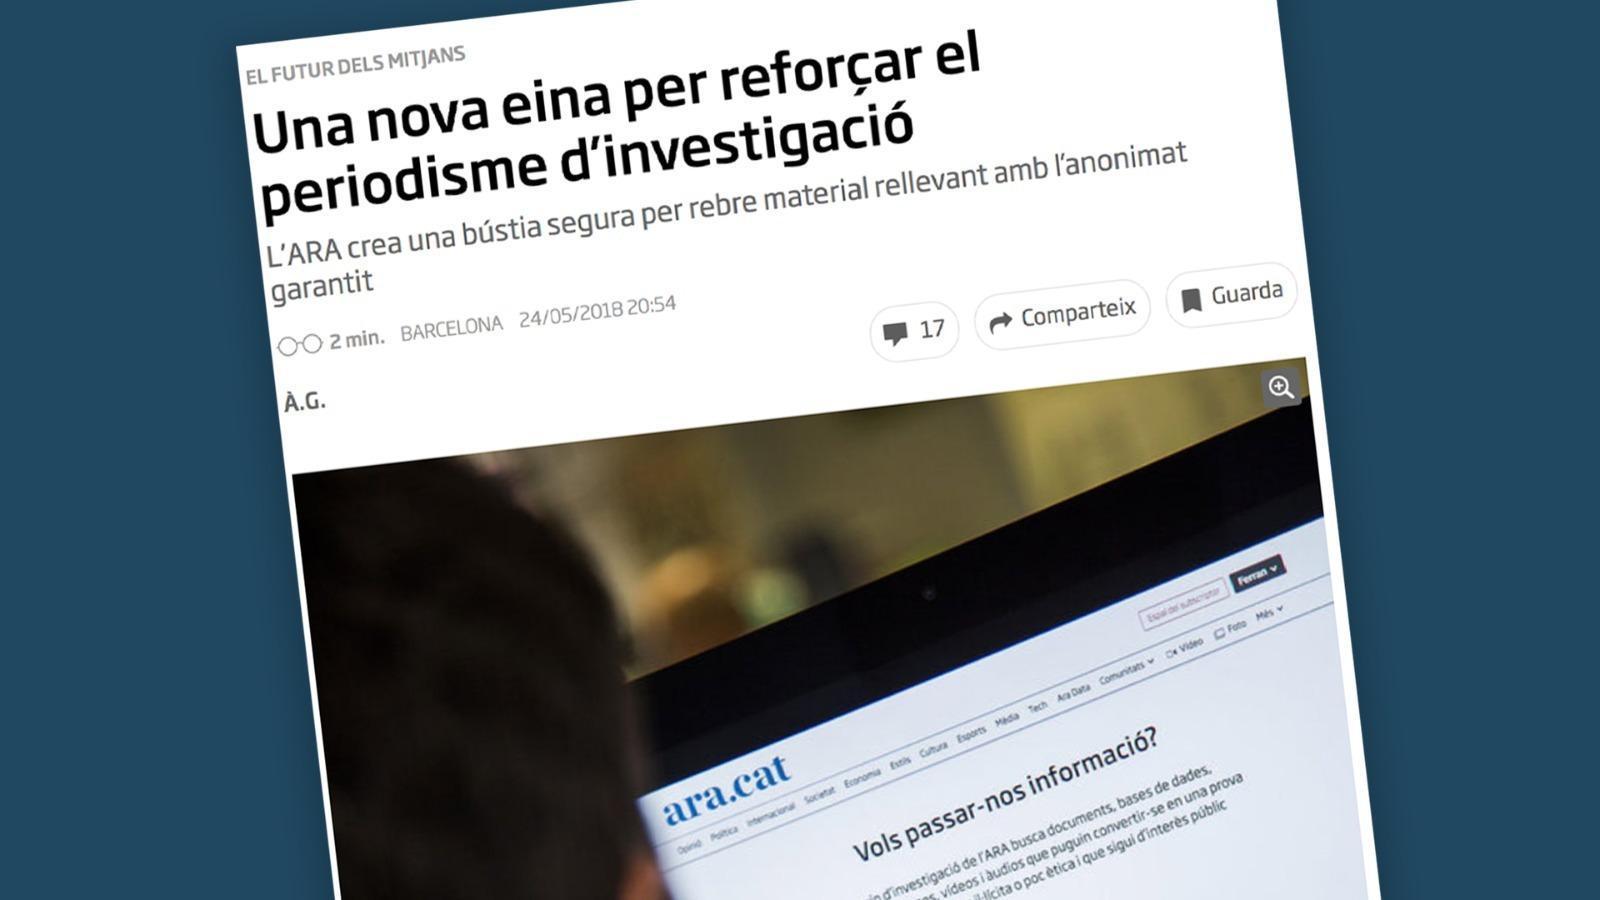 L'anàlisi d'Antoni Bassas: 'El cas Arrufat i la confiança en l'ARA'